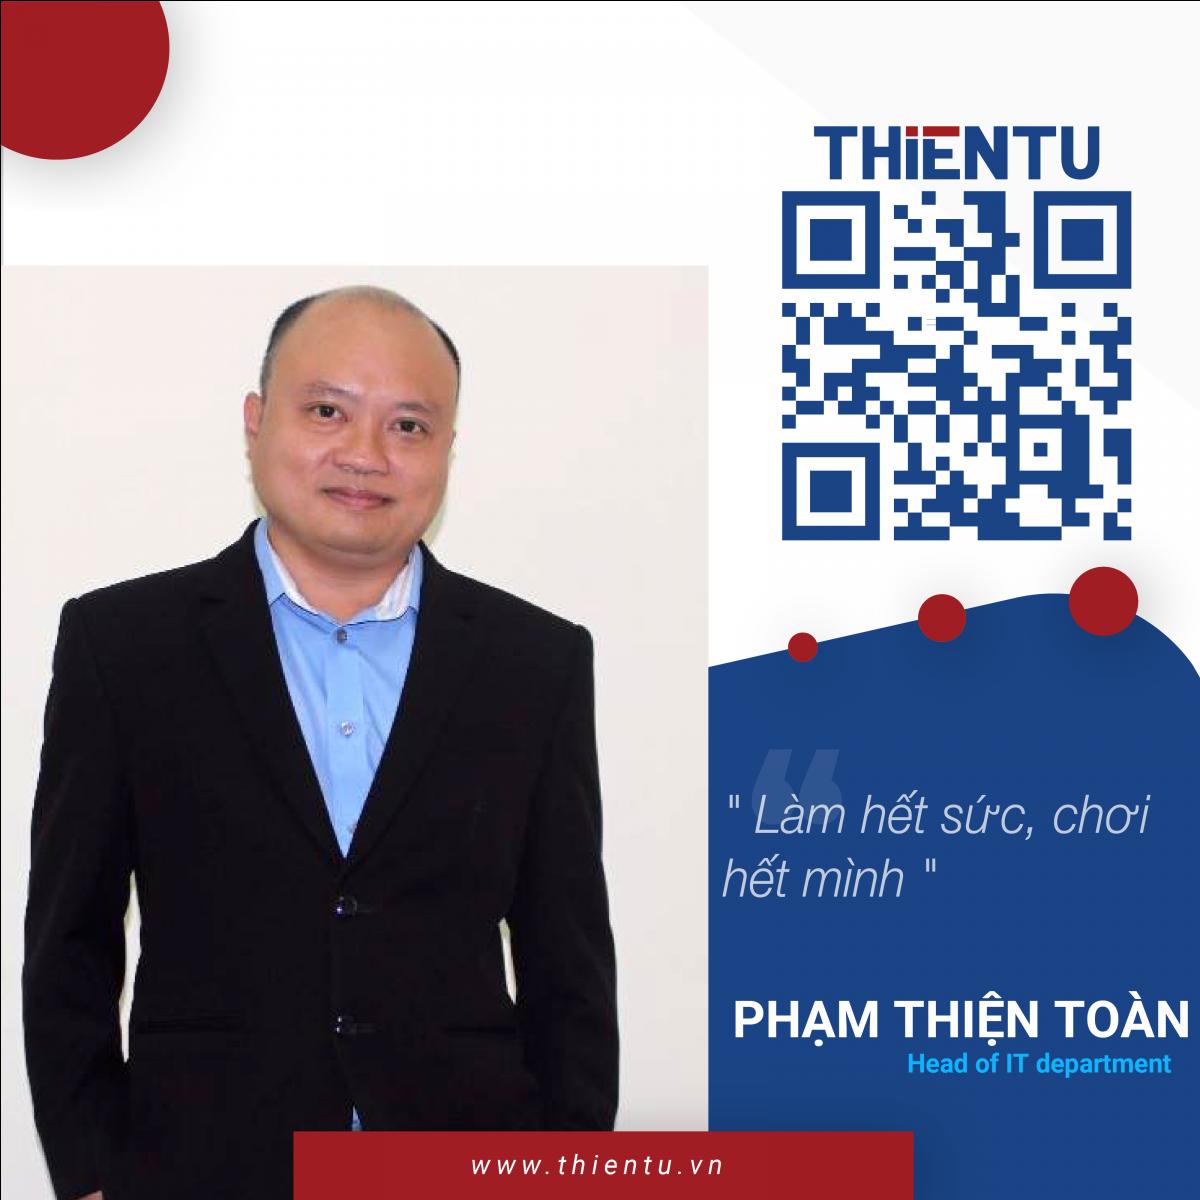 Phạm Thiện Toàn Head of IT Department